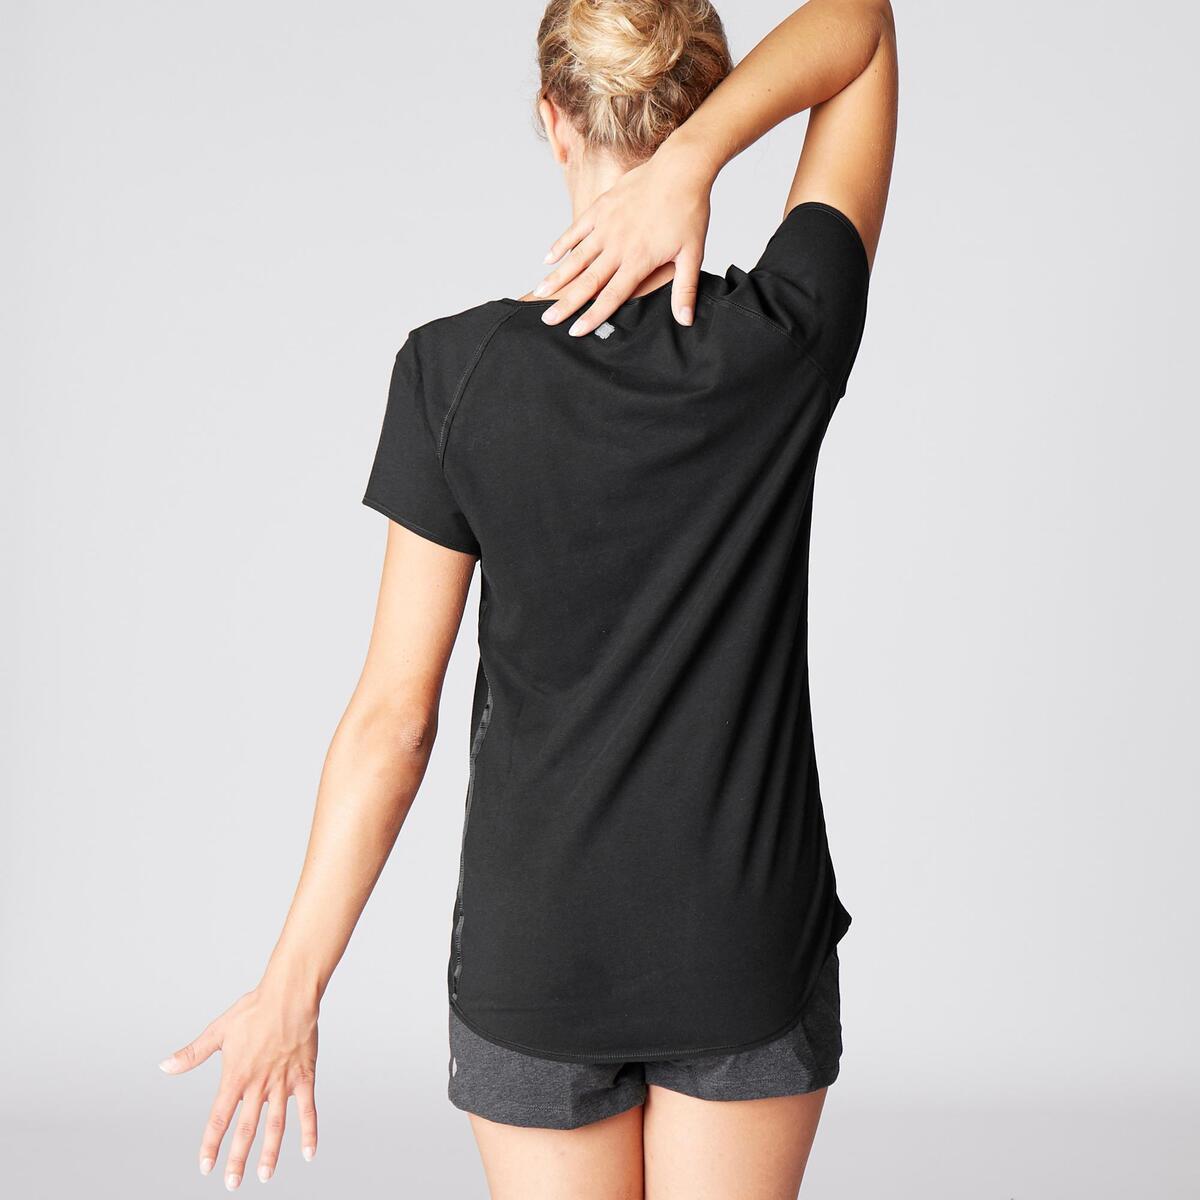 Bild 4 von T-Shirt sanftes Yoga aus Baumwolle aus biologischem Anbau Damen schwarz